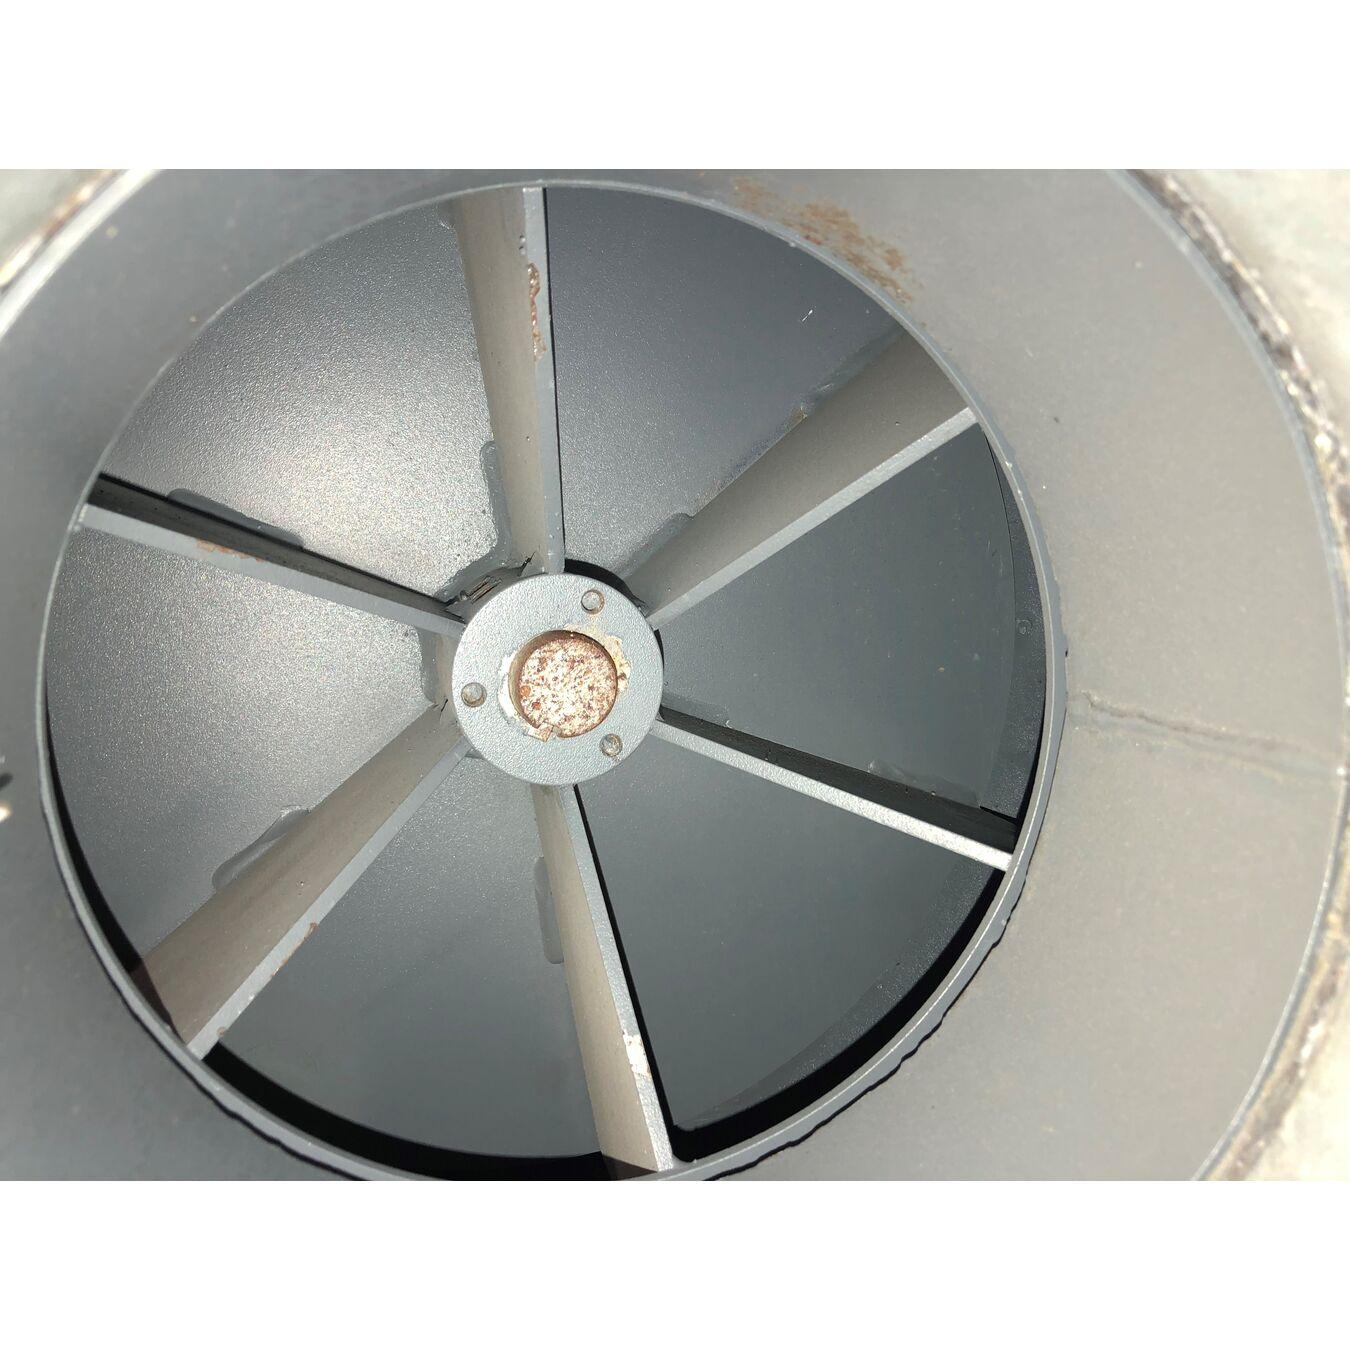 2000 Cfm Fan : Used cfm quot sp centrifugal fan hp fans